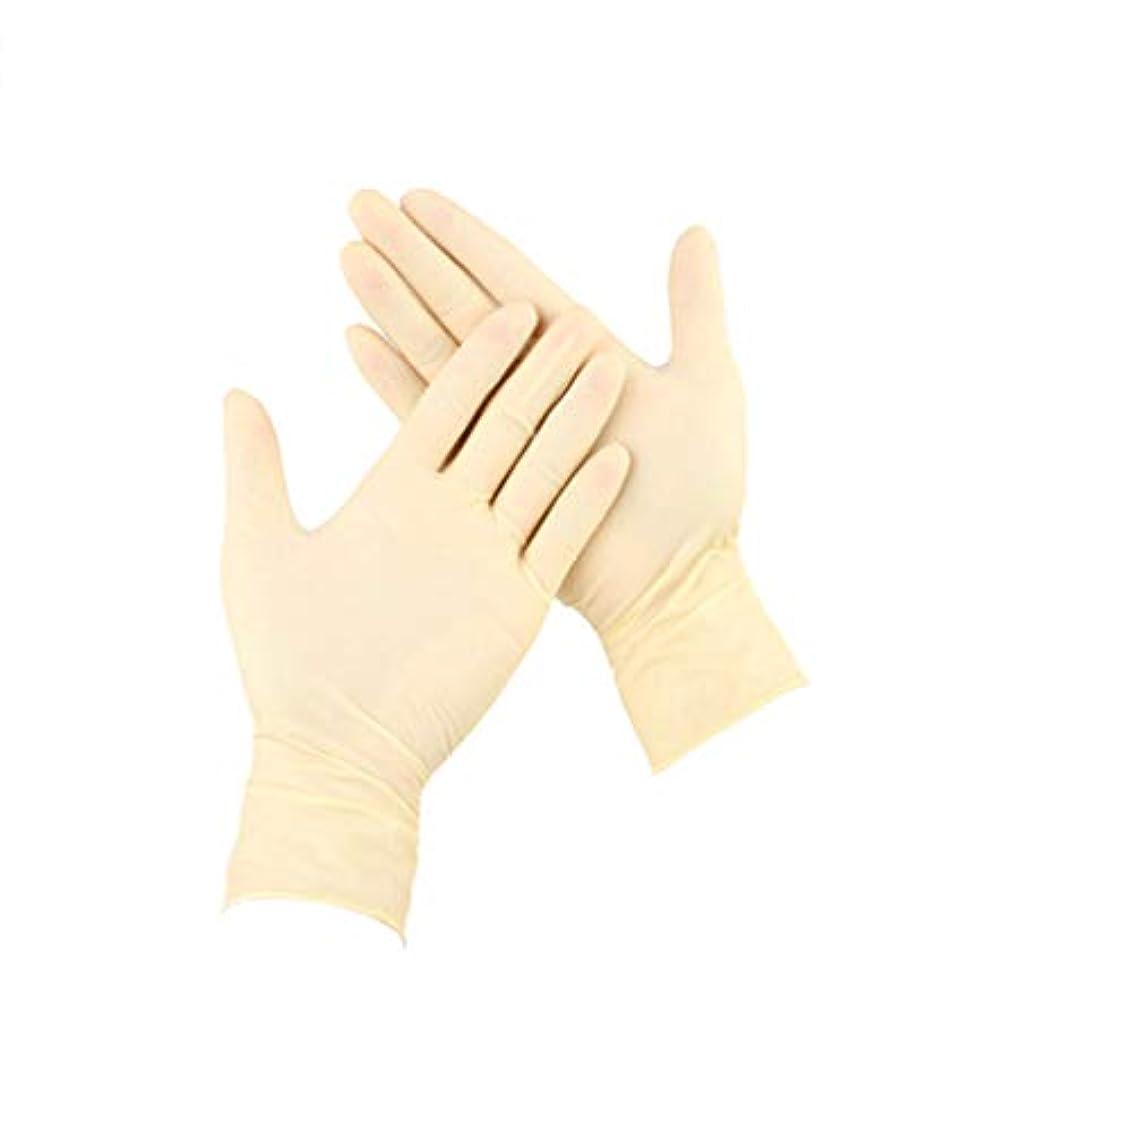 文字通り力強い在庫グローブ使い捨てラテックス手袋ゴム保護手袋は、静電気防止キッチンケータリングクリームイエローラテックス100個をチェックする (サイズ さいず : S s)